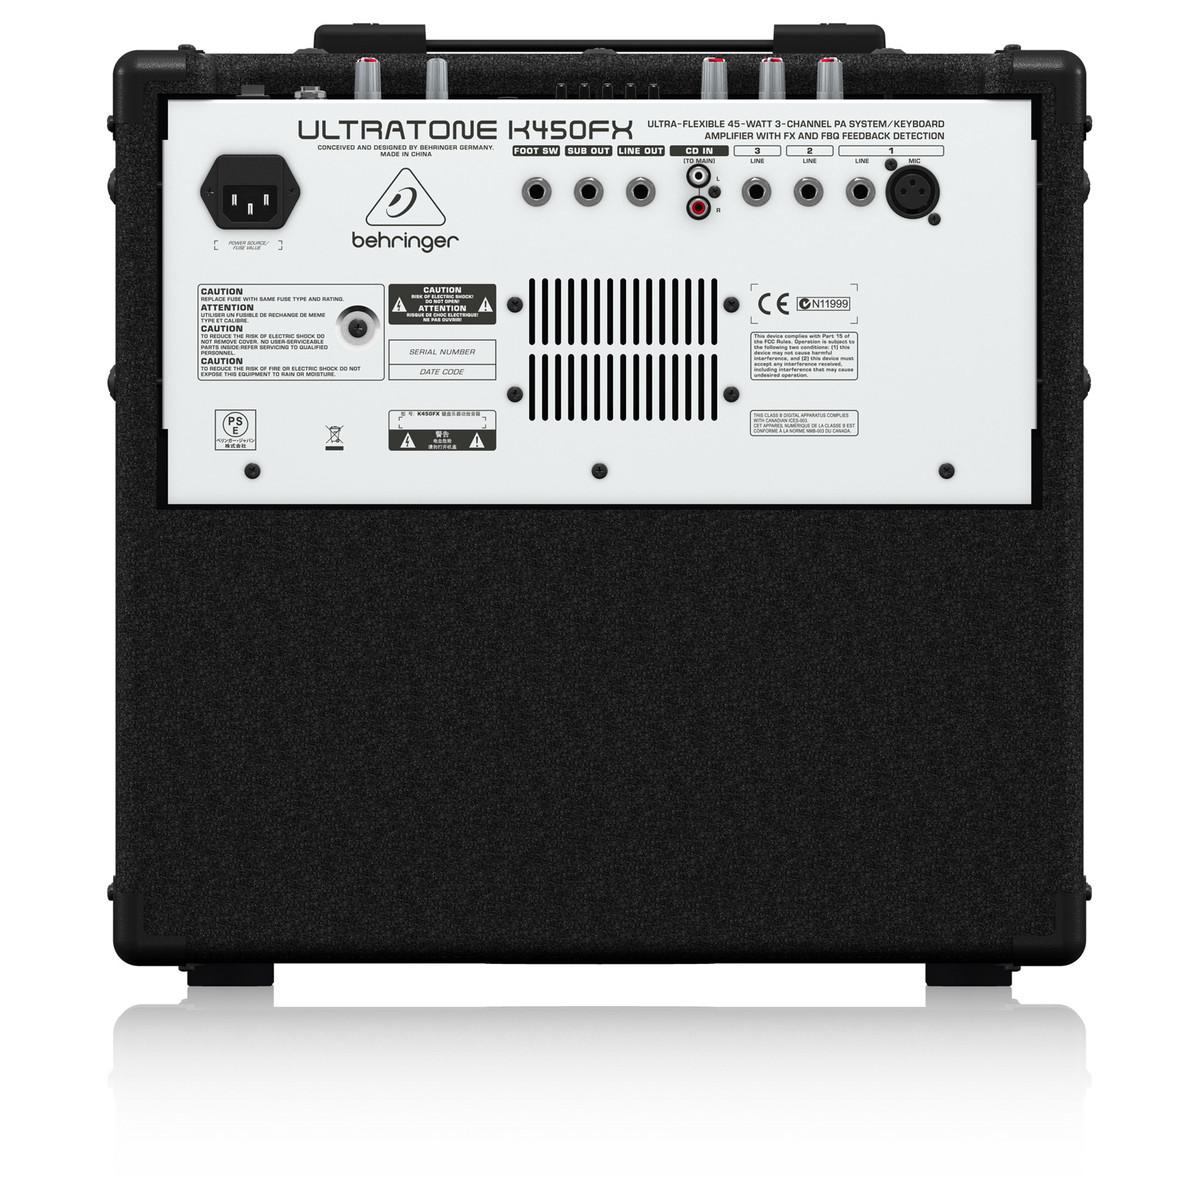 behringer k450fx ultratone keyboard amp at. Black Bedroom Furniture Sets. Home Design Ideas